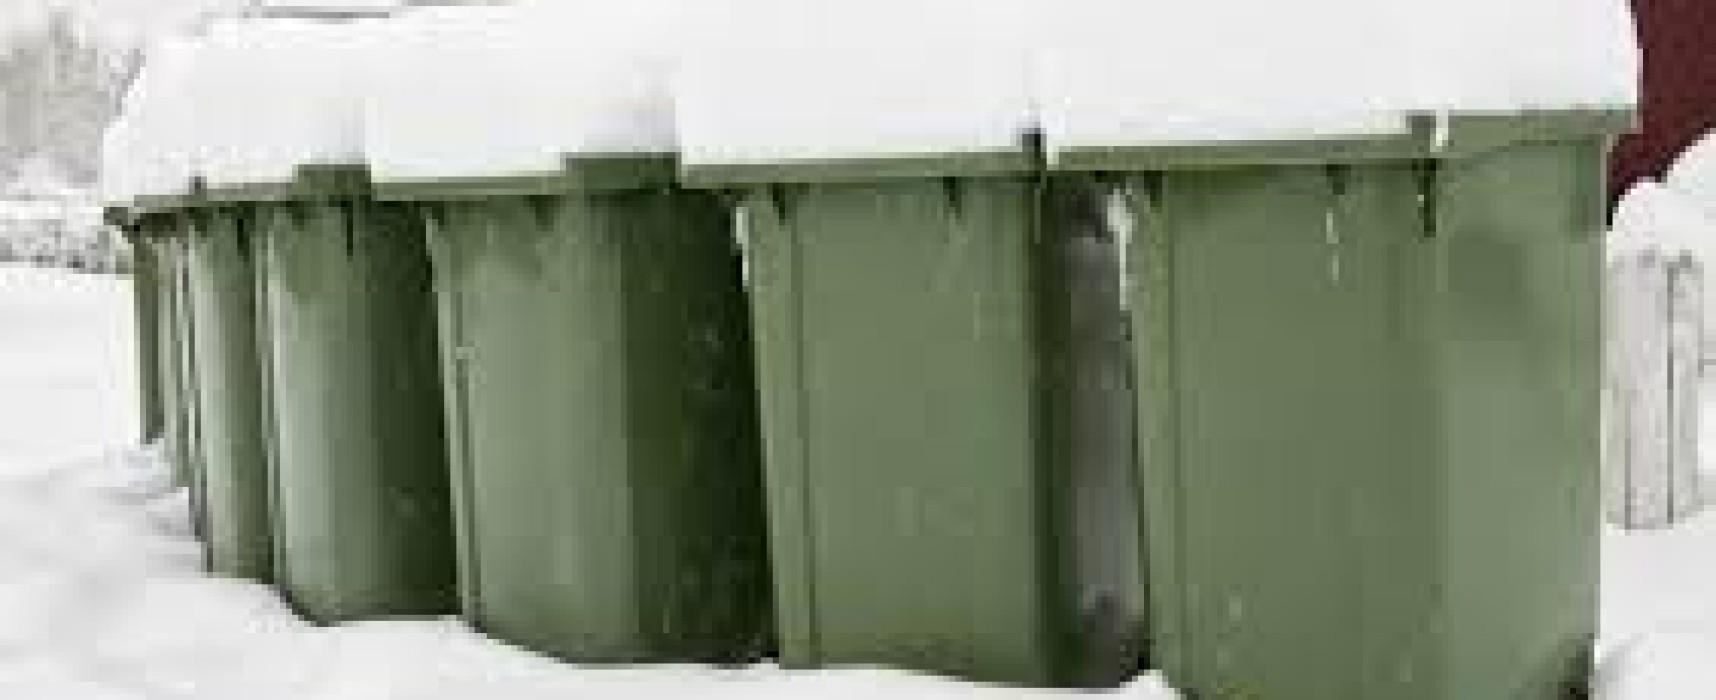 Perturbations des tournées de ramassage des ordures ménagères – février 2018